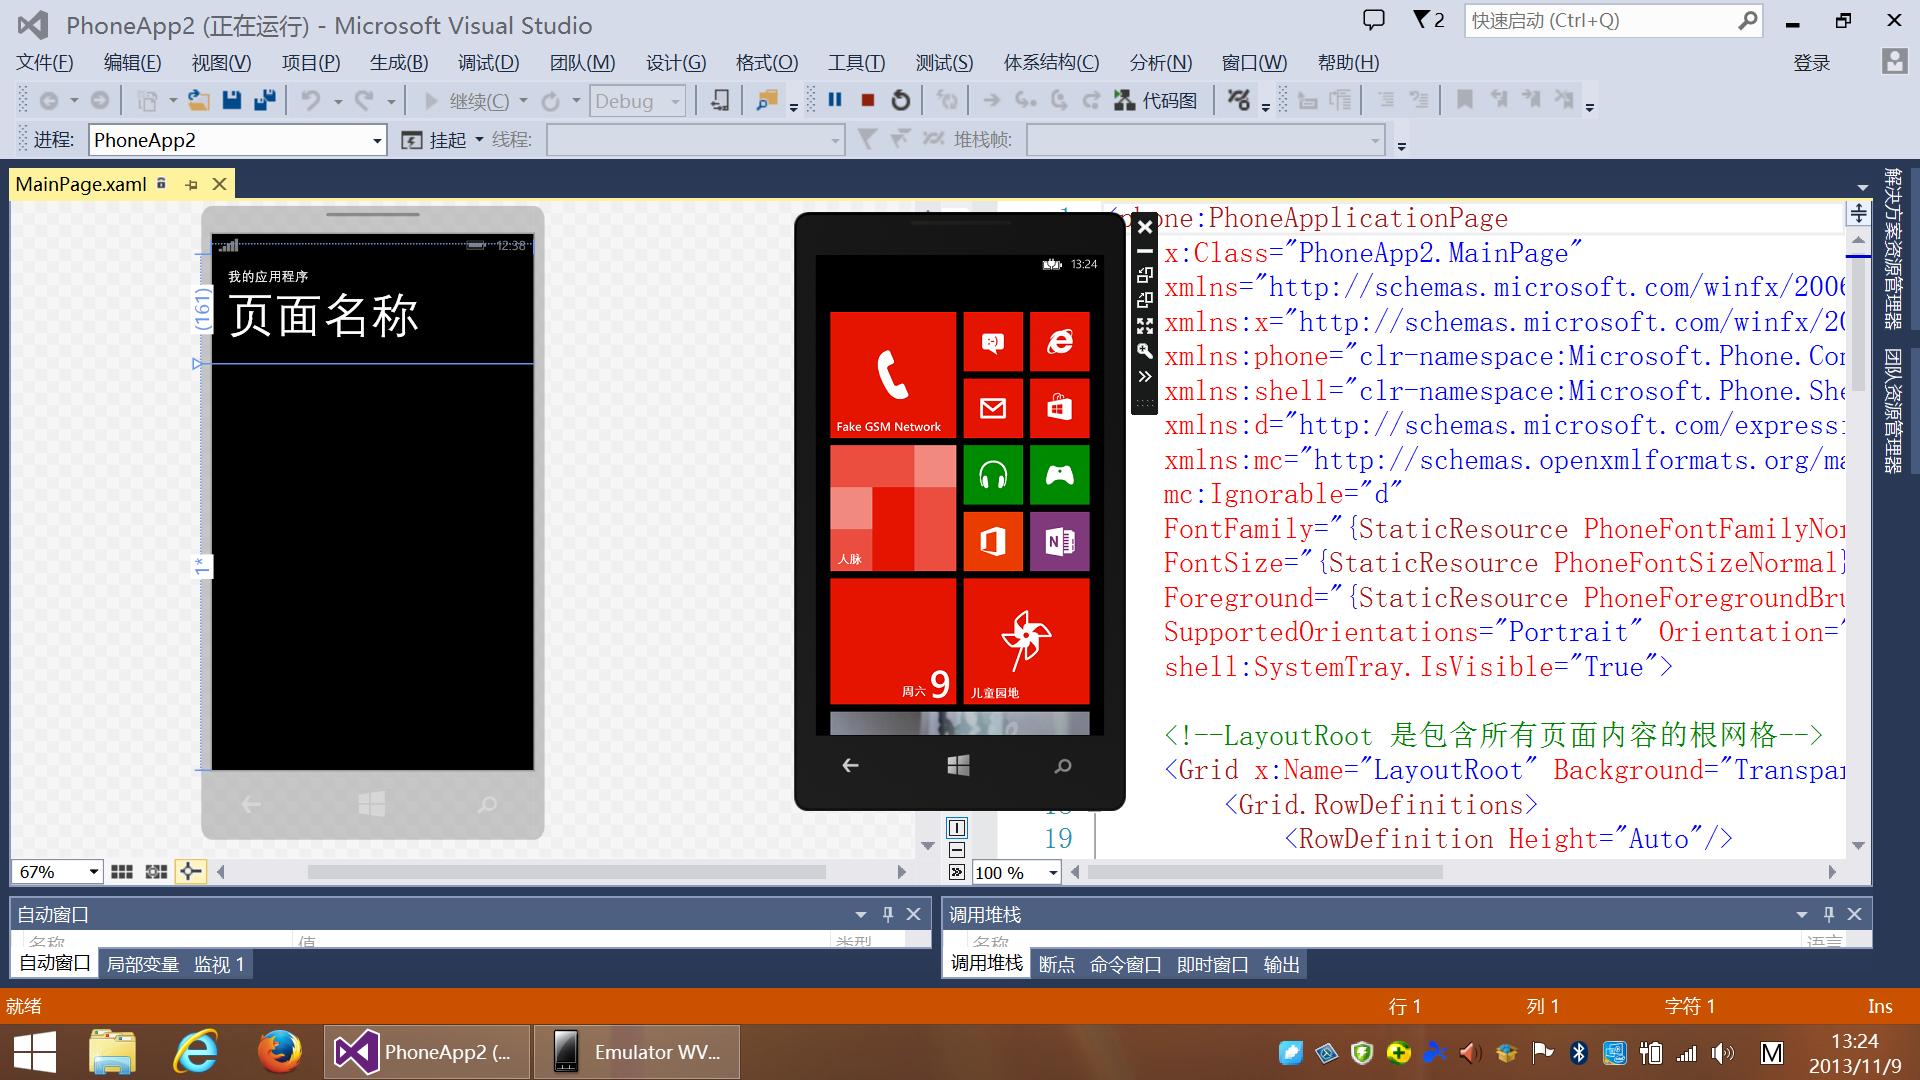 通过刷bios的方式在win8.1平板上启动windows phone模拟器